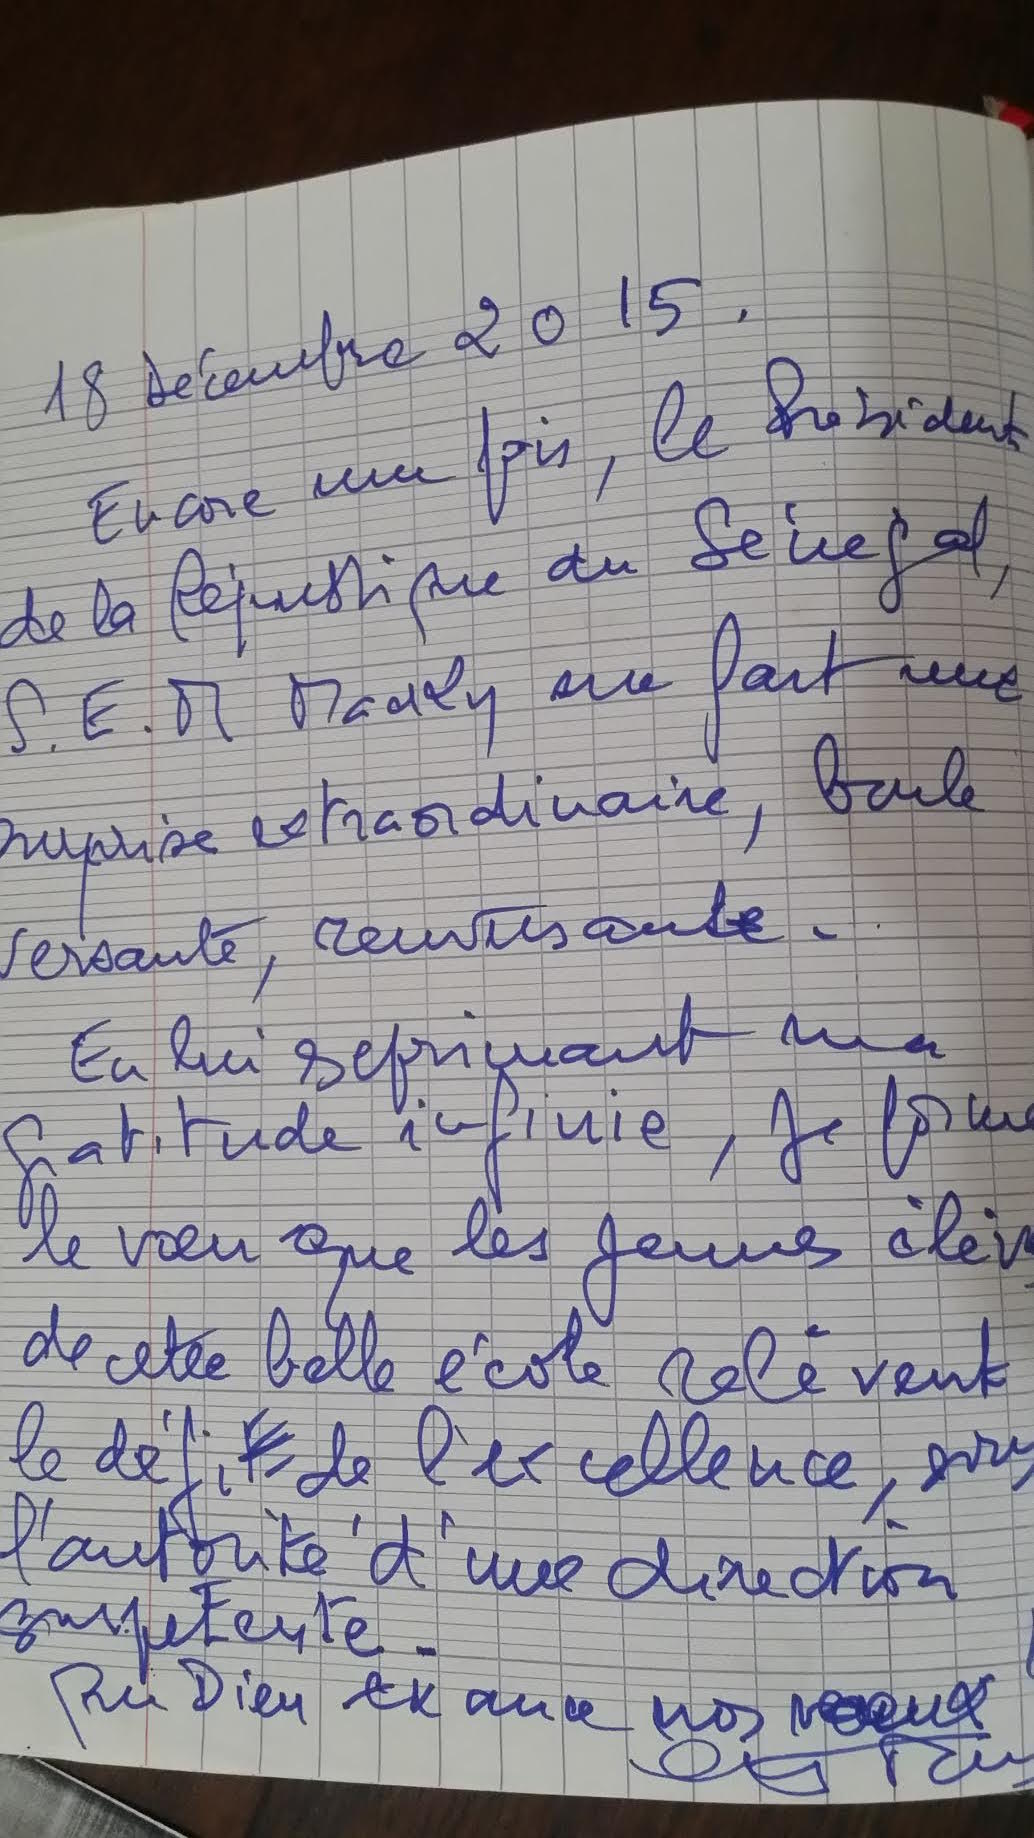 Le témoignage du Président Abdou Diouf sur le Président Macky Sall